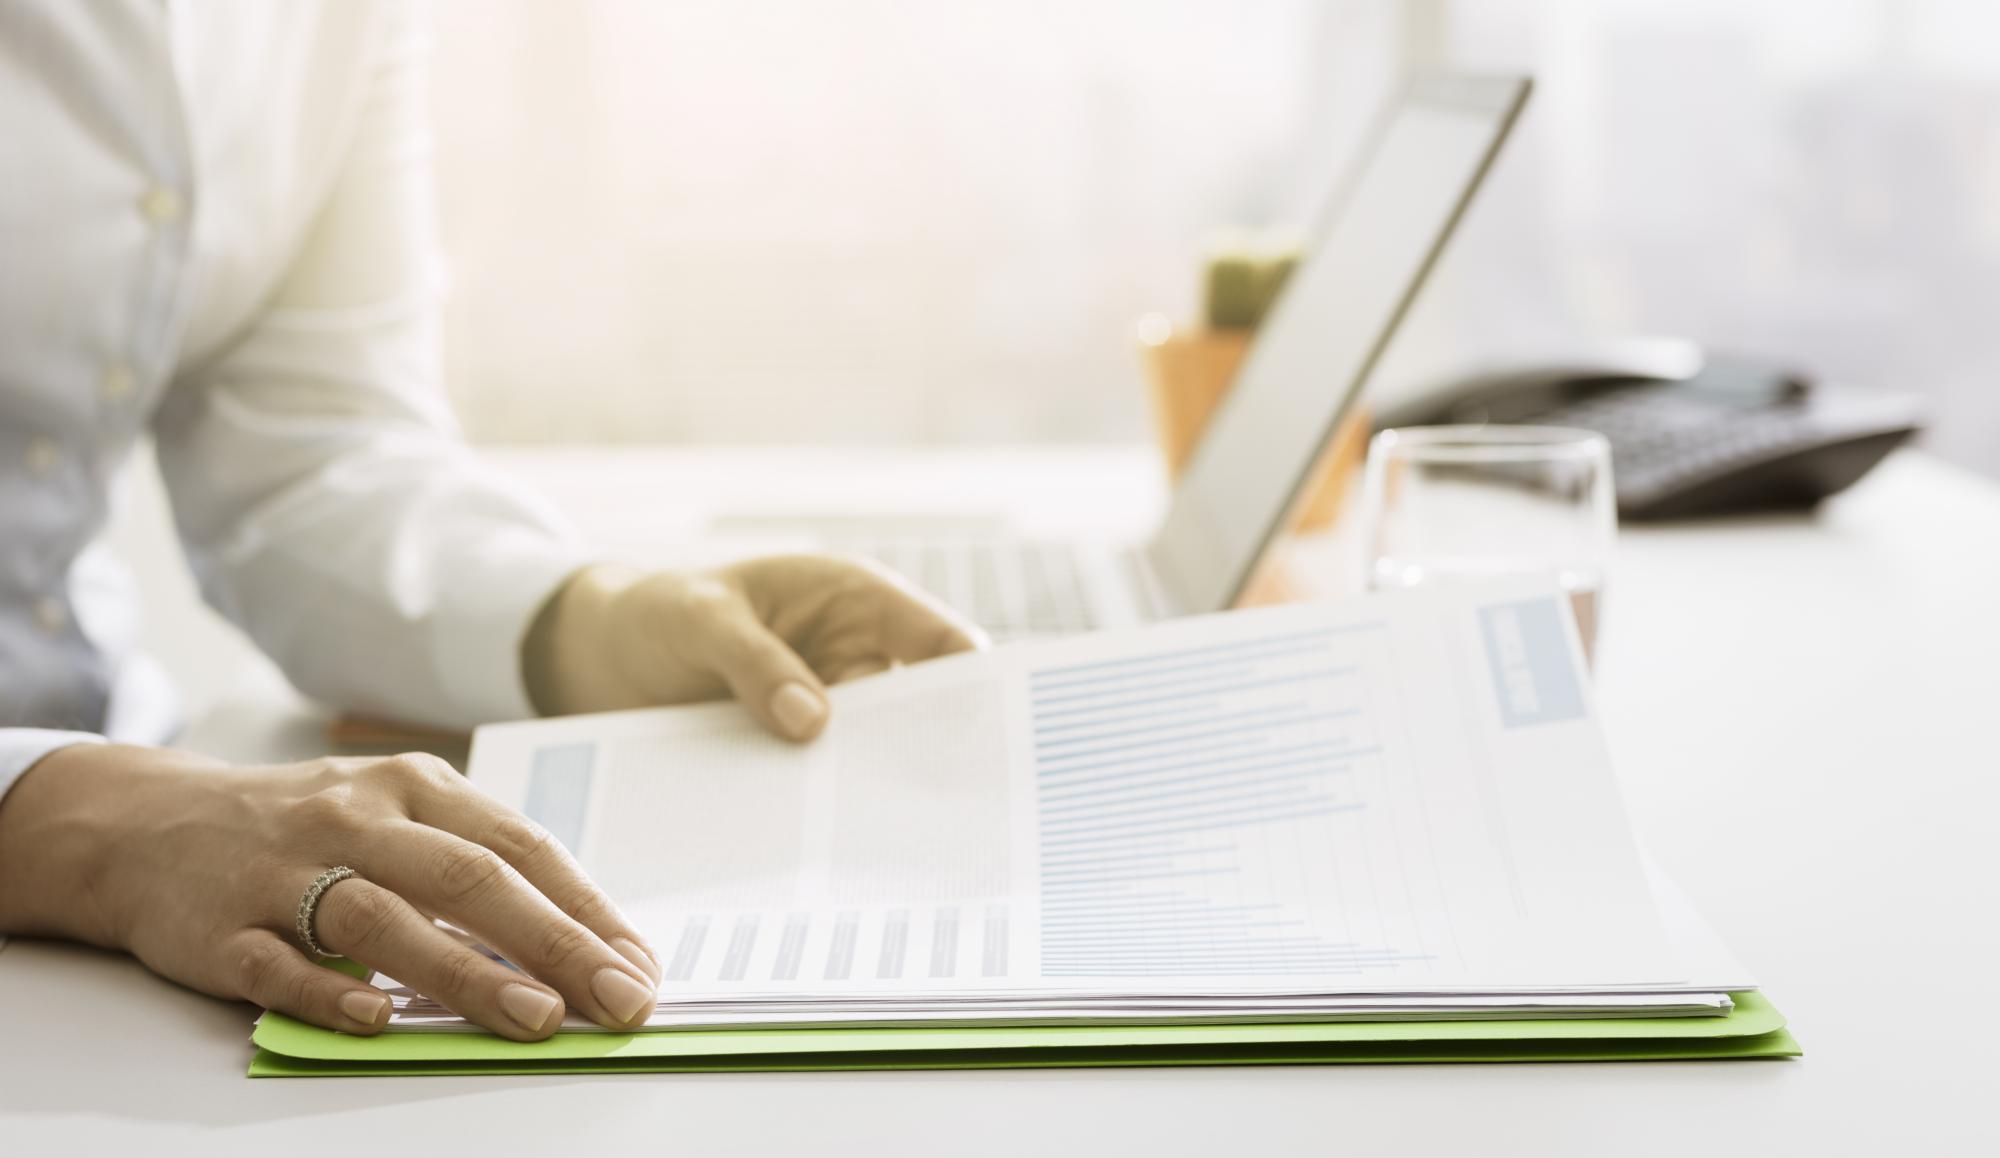 Кто подпишет счет-фактуру? Соблюдайте требования налоговых органов